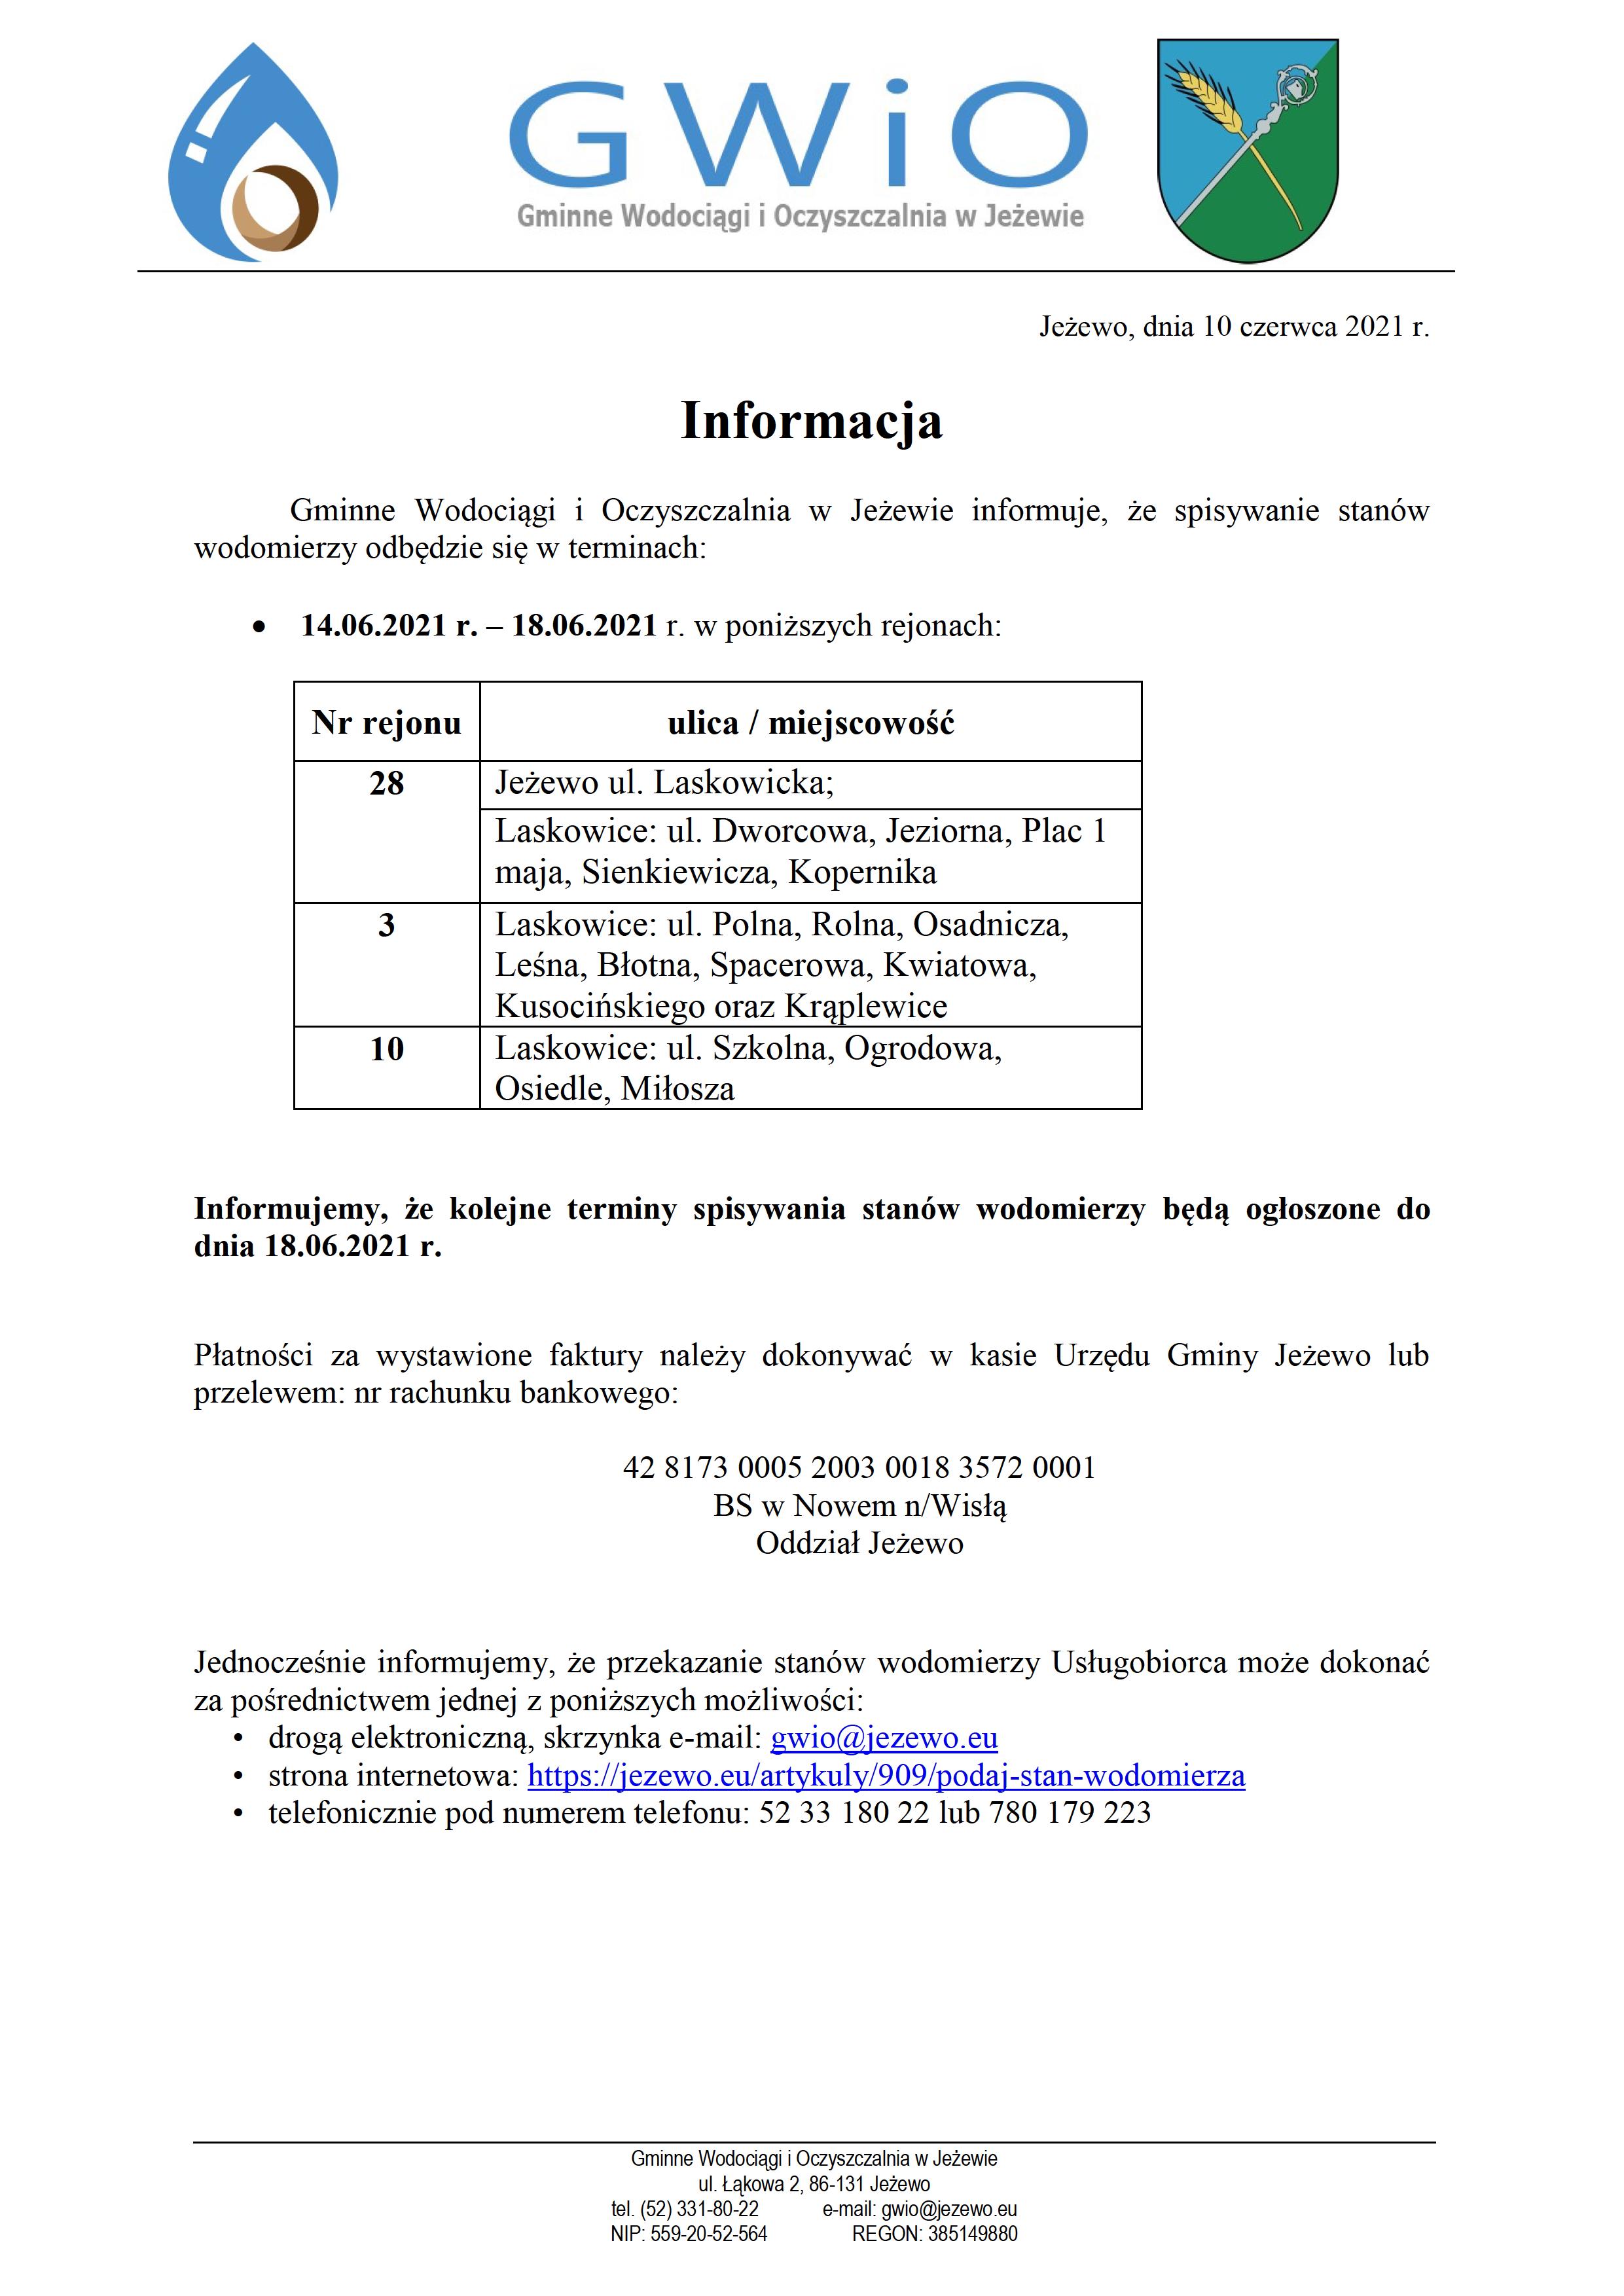 Terminy spisywania wodomierzy 10.06.2021